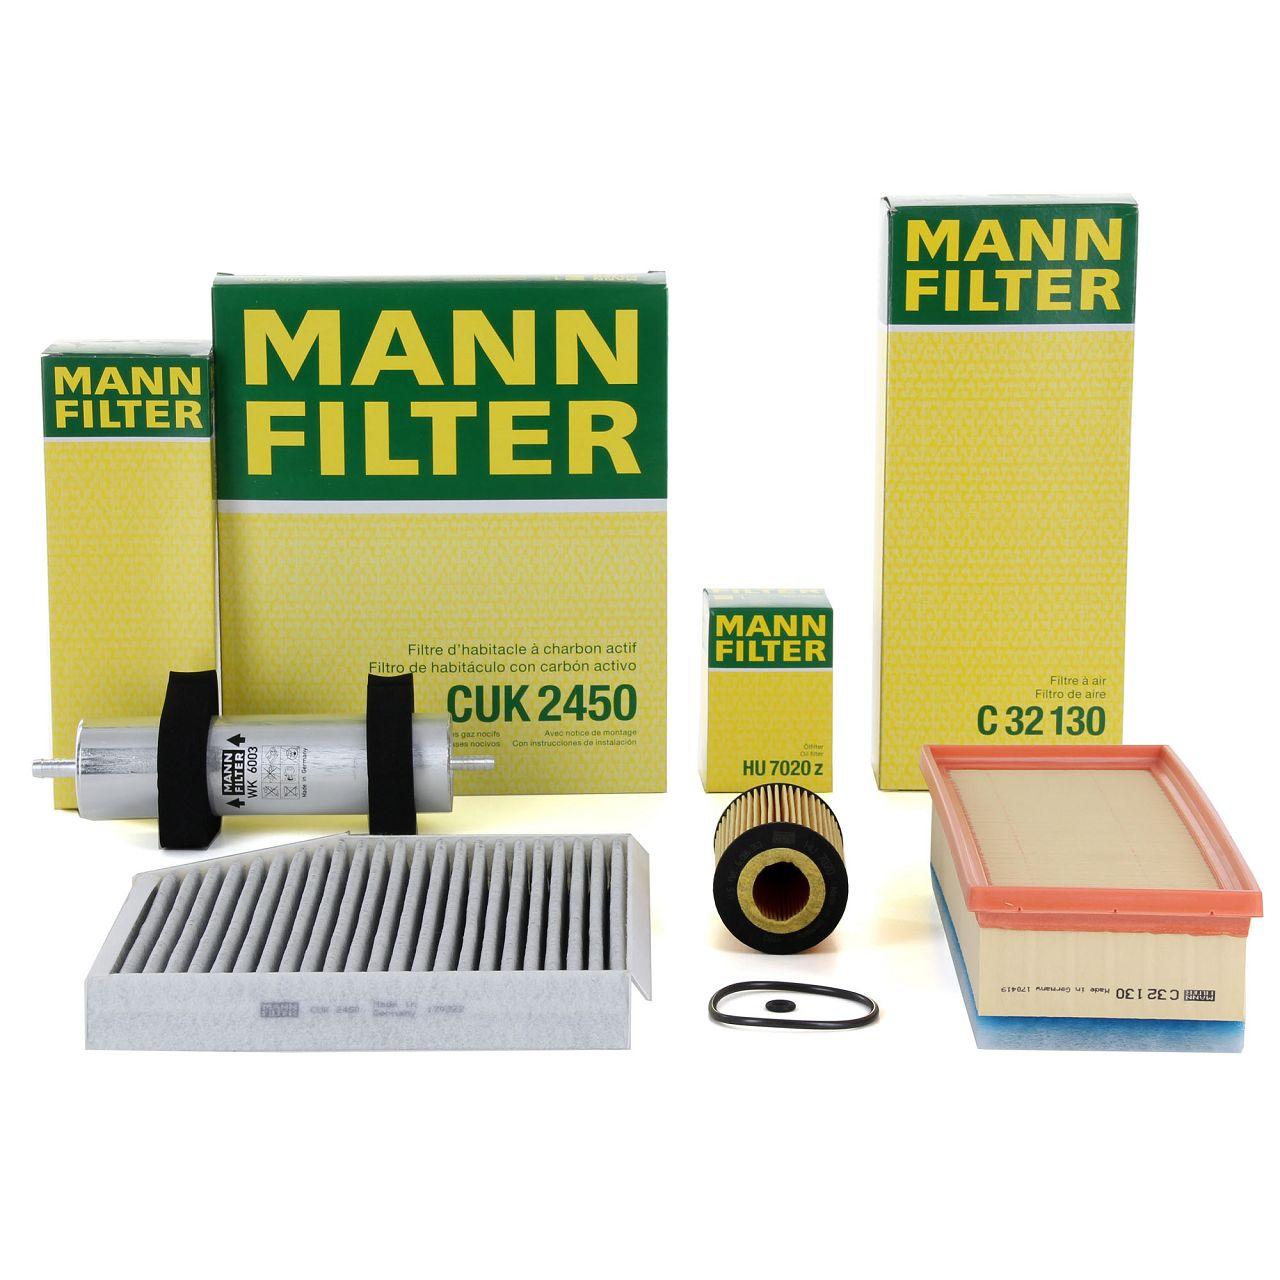 MANN Inspektionskit für AUDI A4 (8K B8) A5 (8T3) Q5 (8R) 2.0 TDI 136/150/163 PS